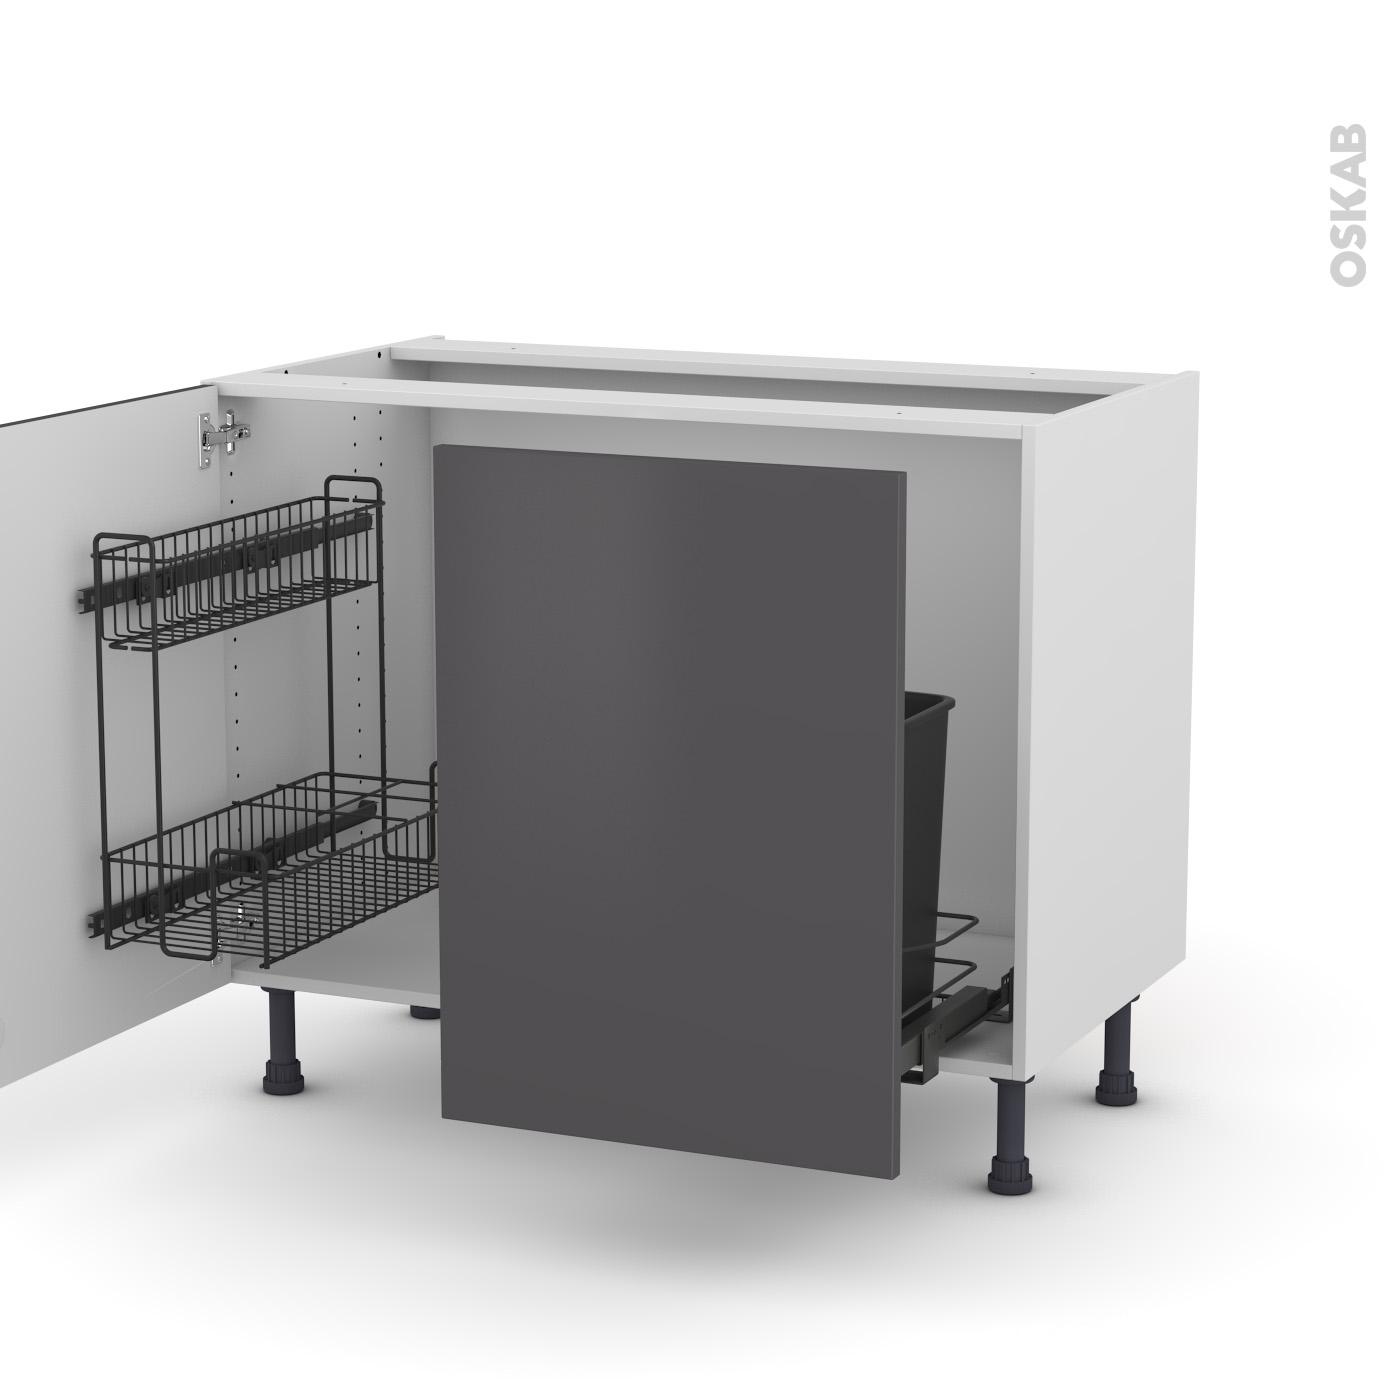 Meuble de cuisine Sous évier GINKO Gris, 14 portes lessiviel-poubelle  coulissante , L14 x H14 x P14 cm